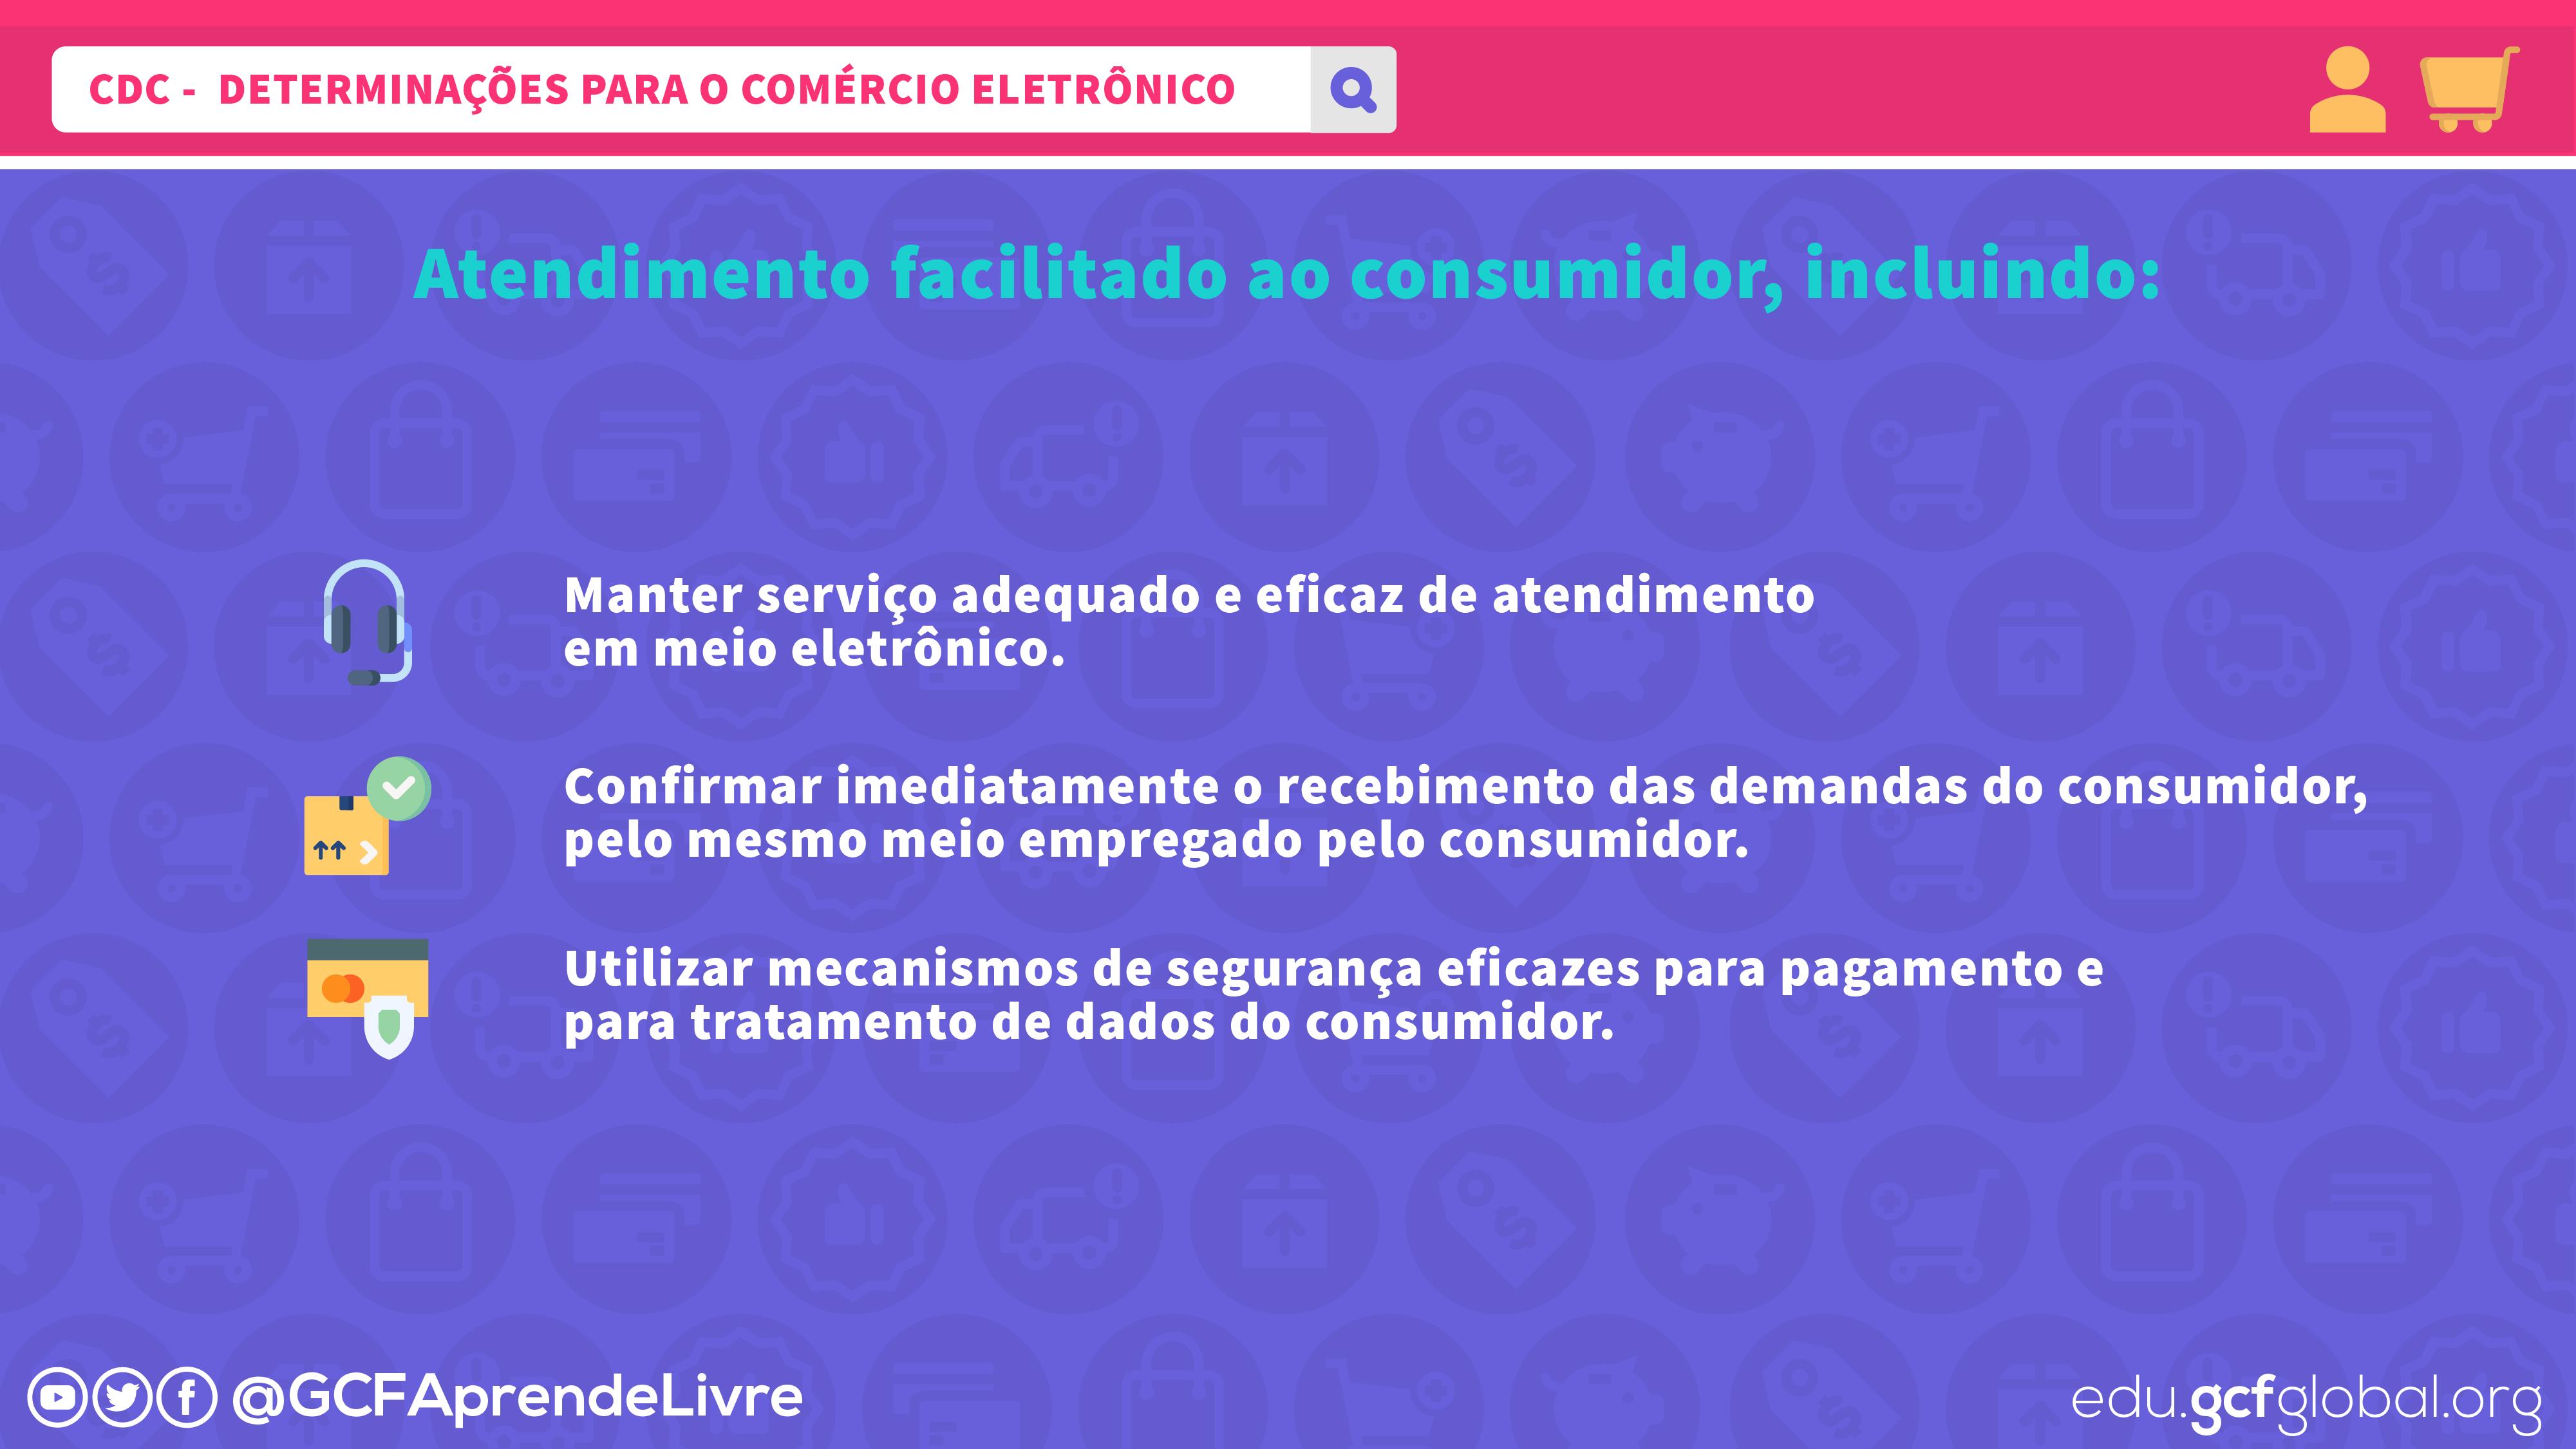 imagem 4 - determinações do CDC para atendimento ao consumidor do comércio eletrônico - parte 2